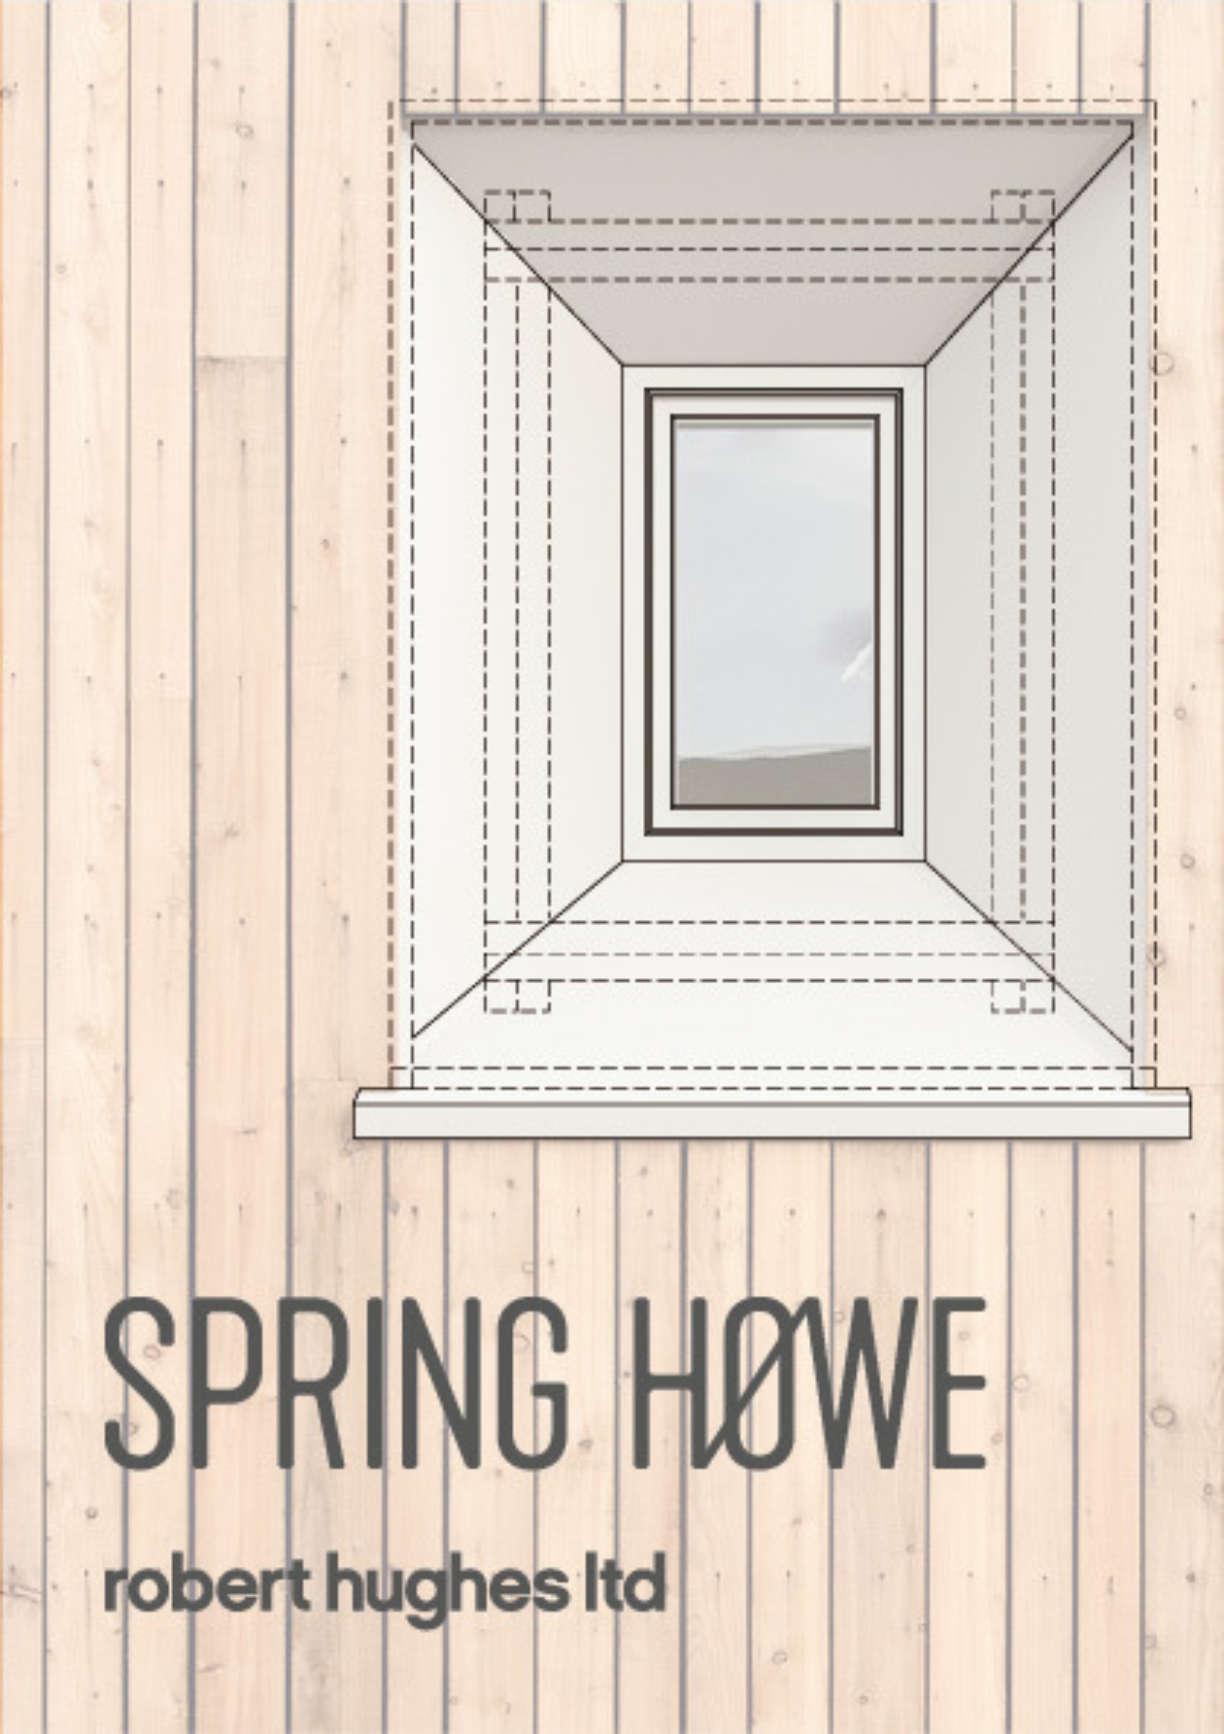 Spring Howe